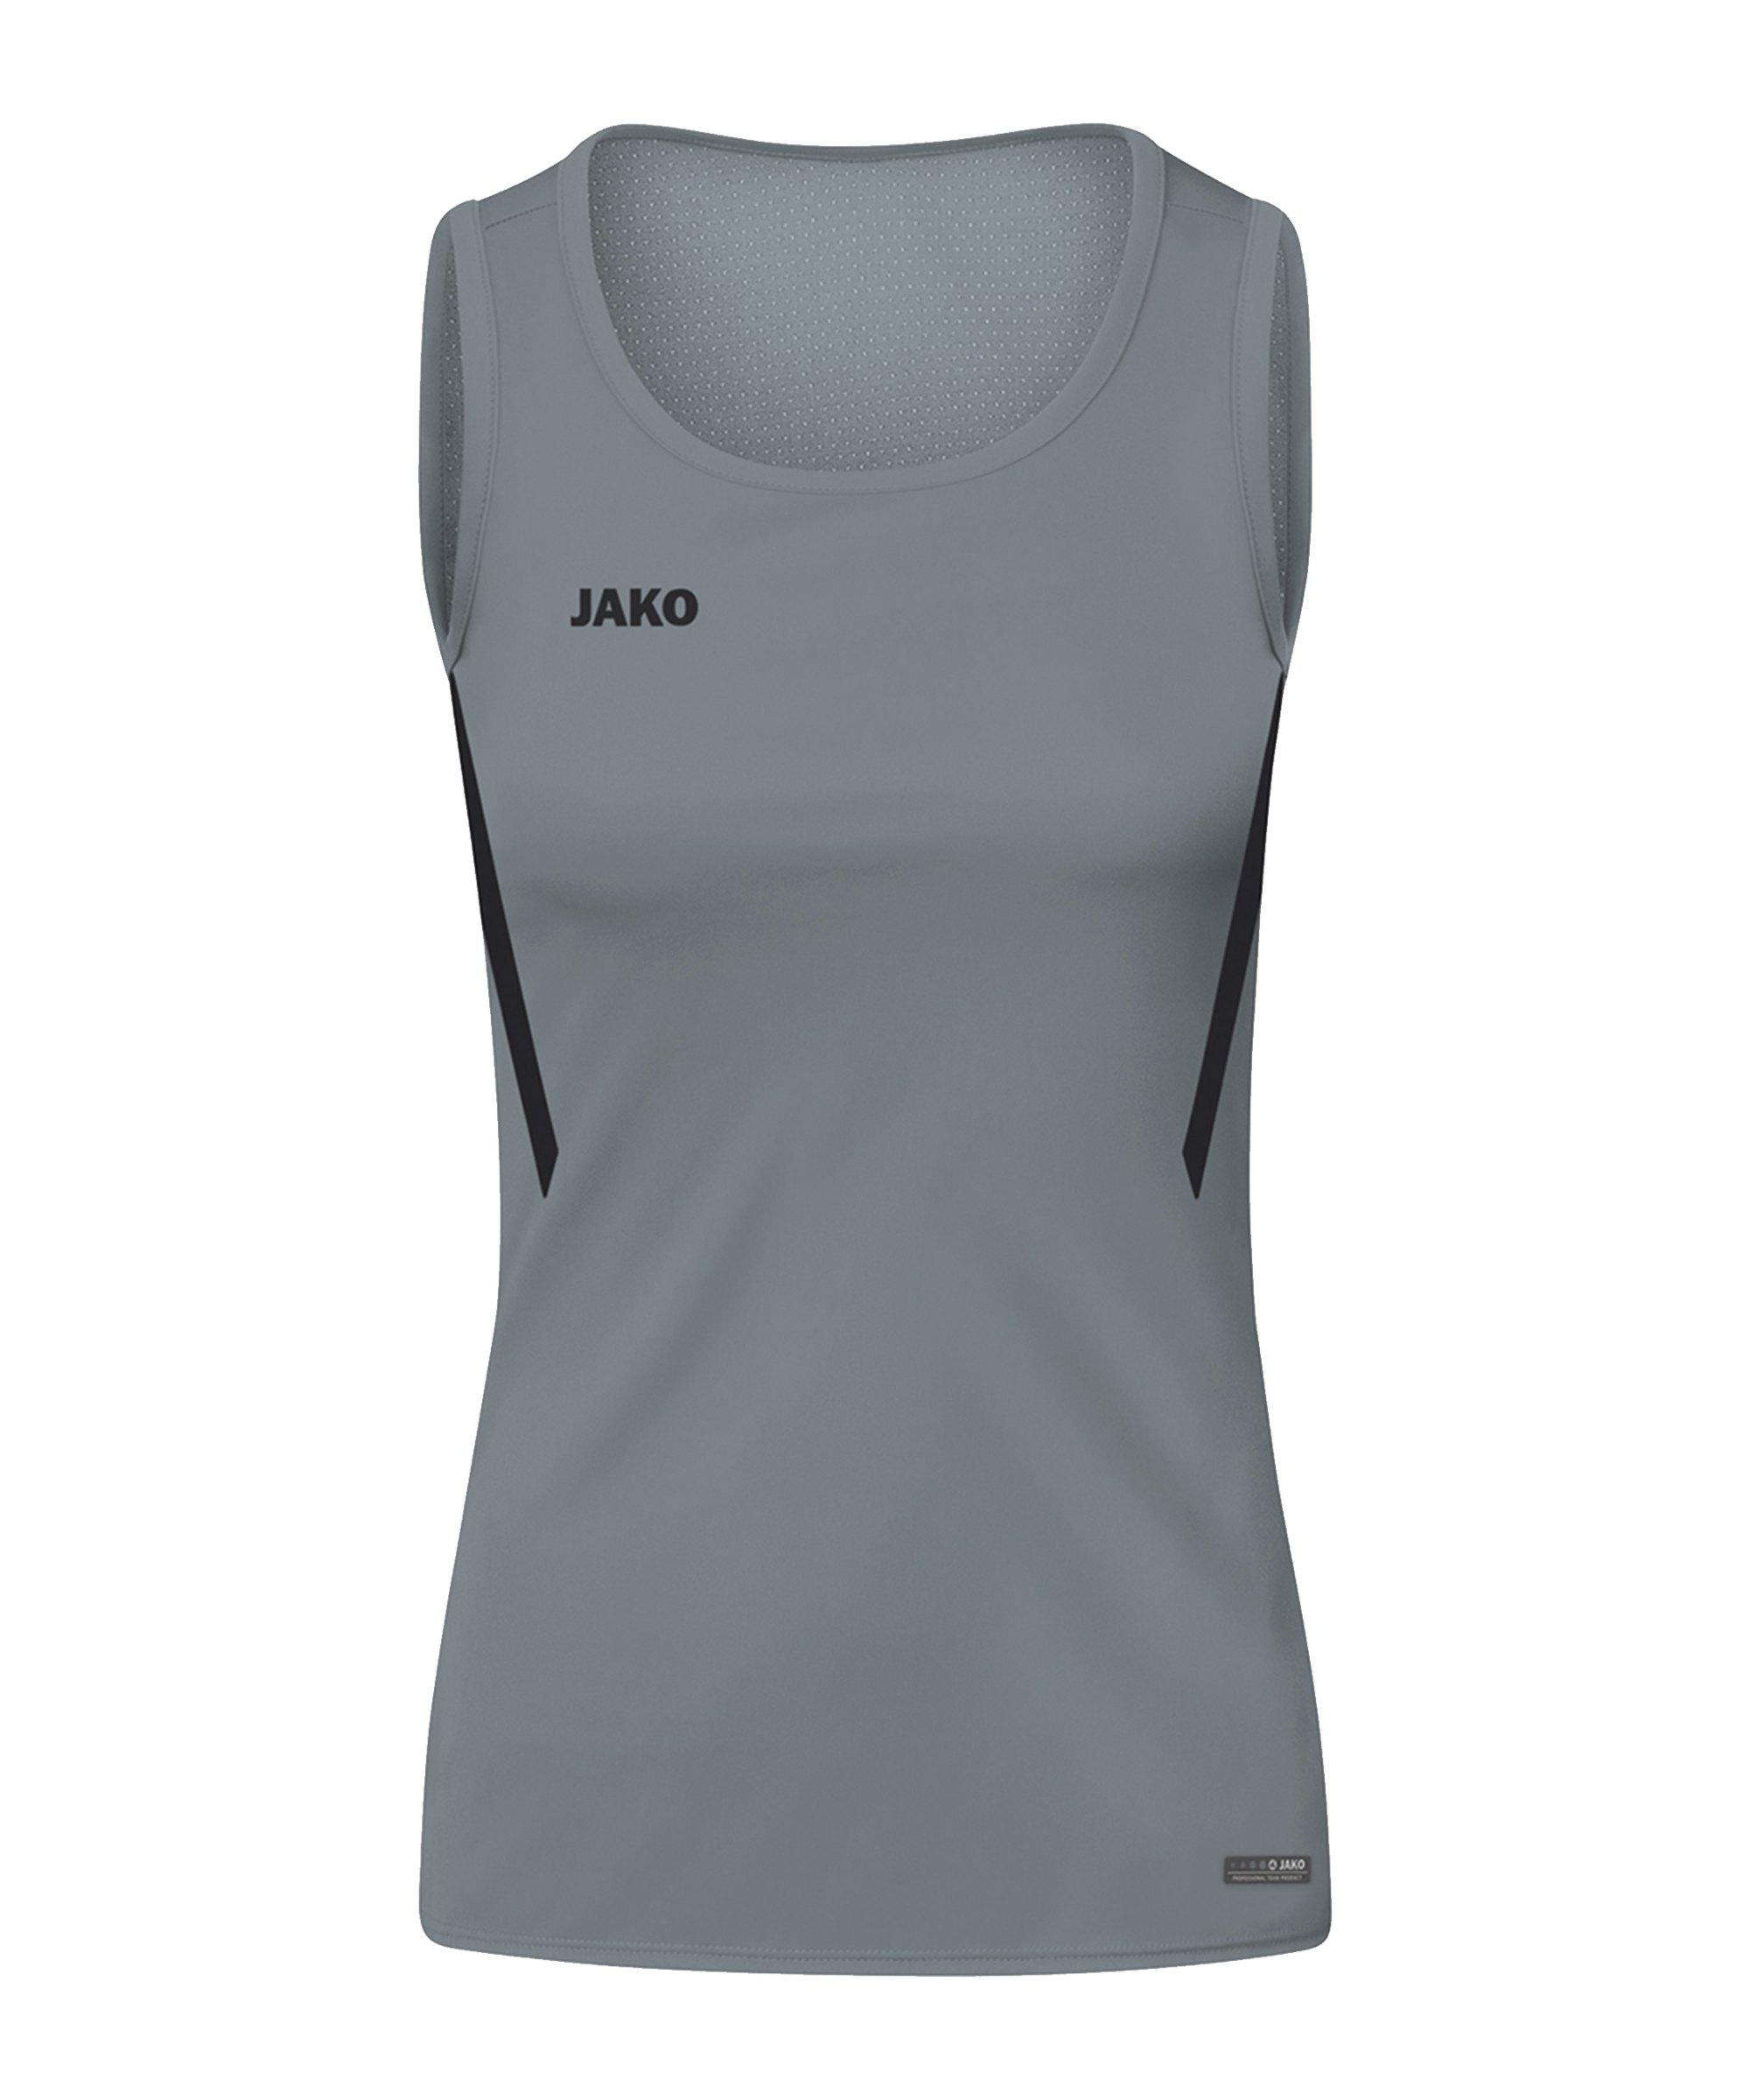 JAKO Challenge Tanktop Damen Grau Schwarz F841 - grau